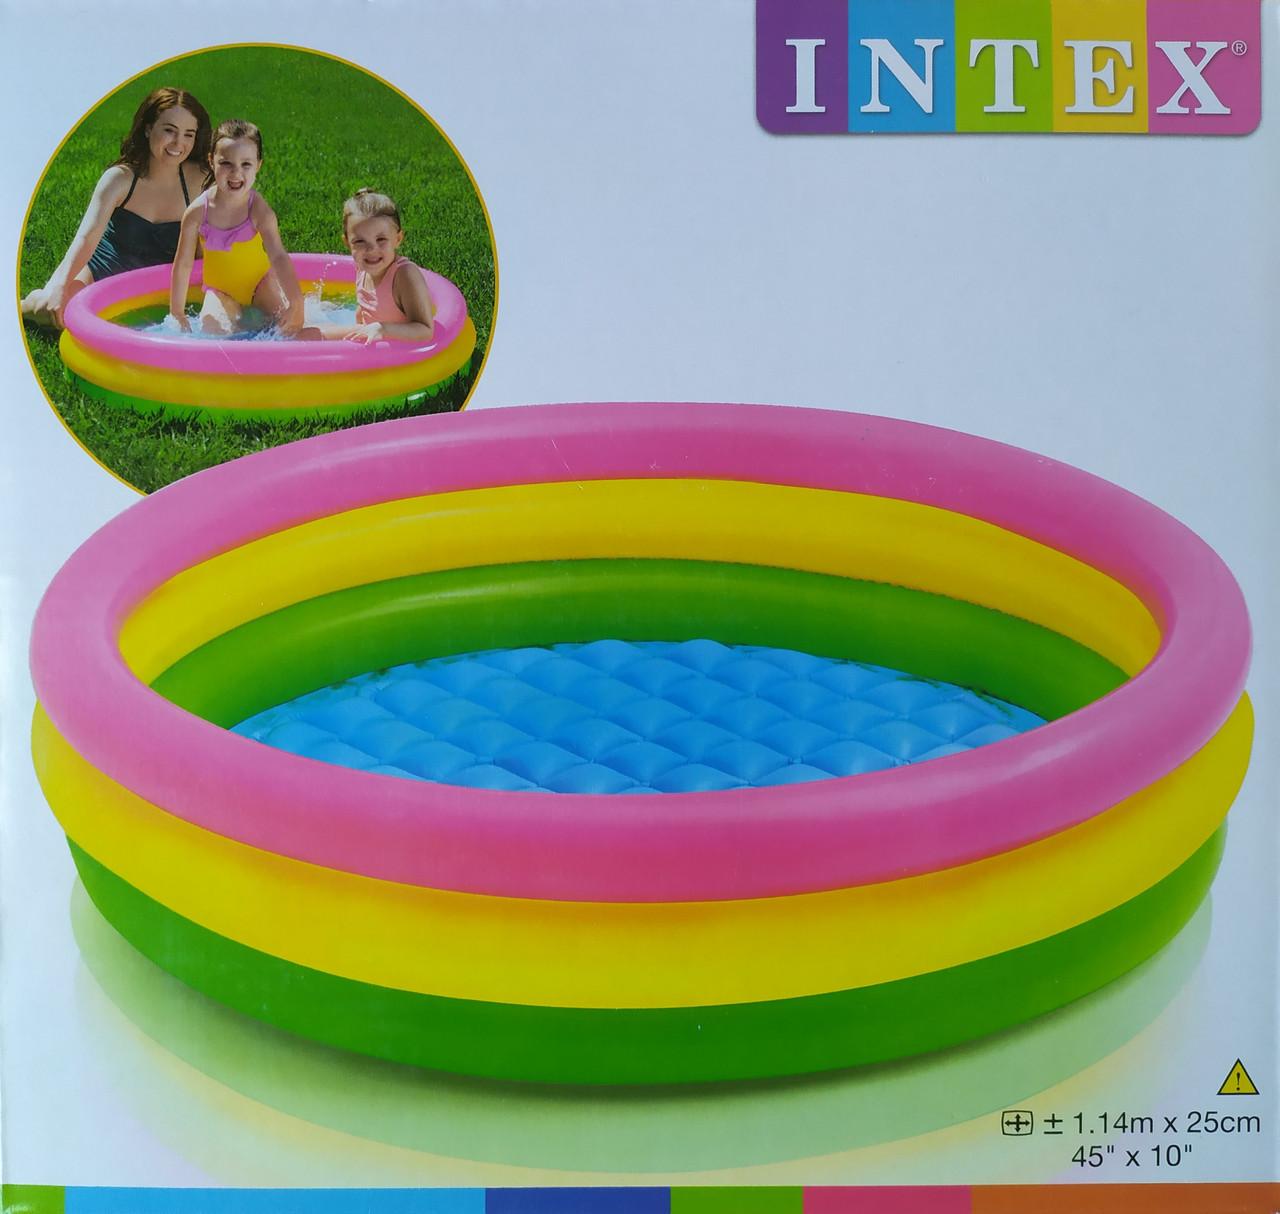 Бассейн детский надувной Intex Радуга 114х25см мягкое дно (57412)